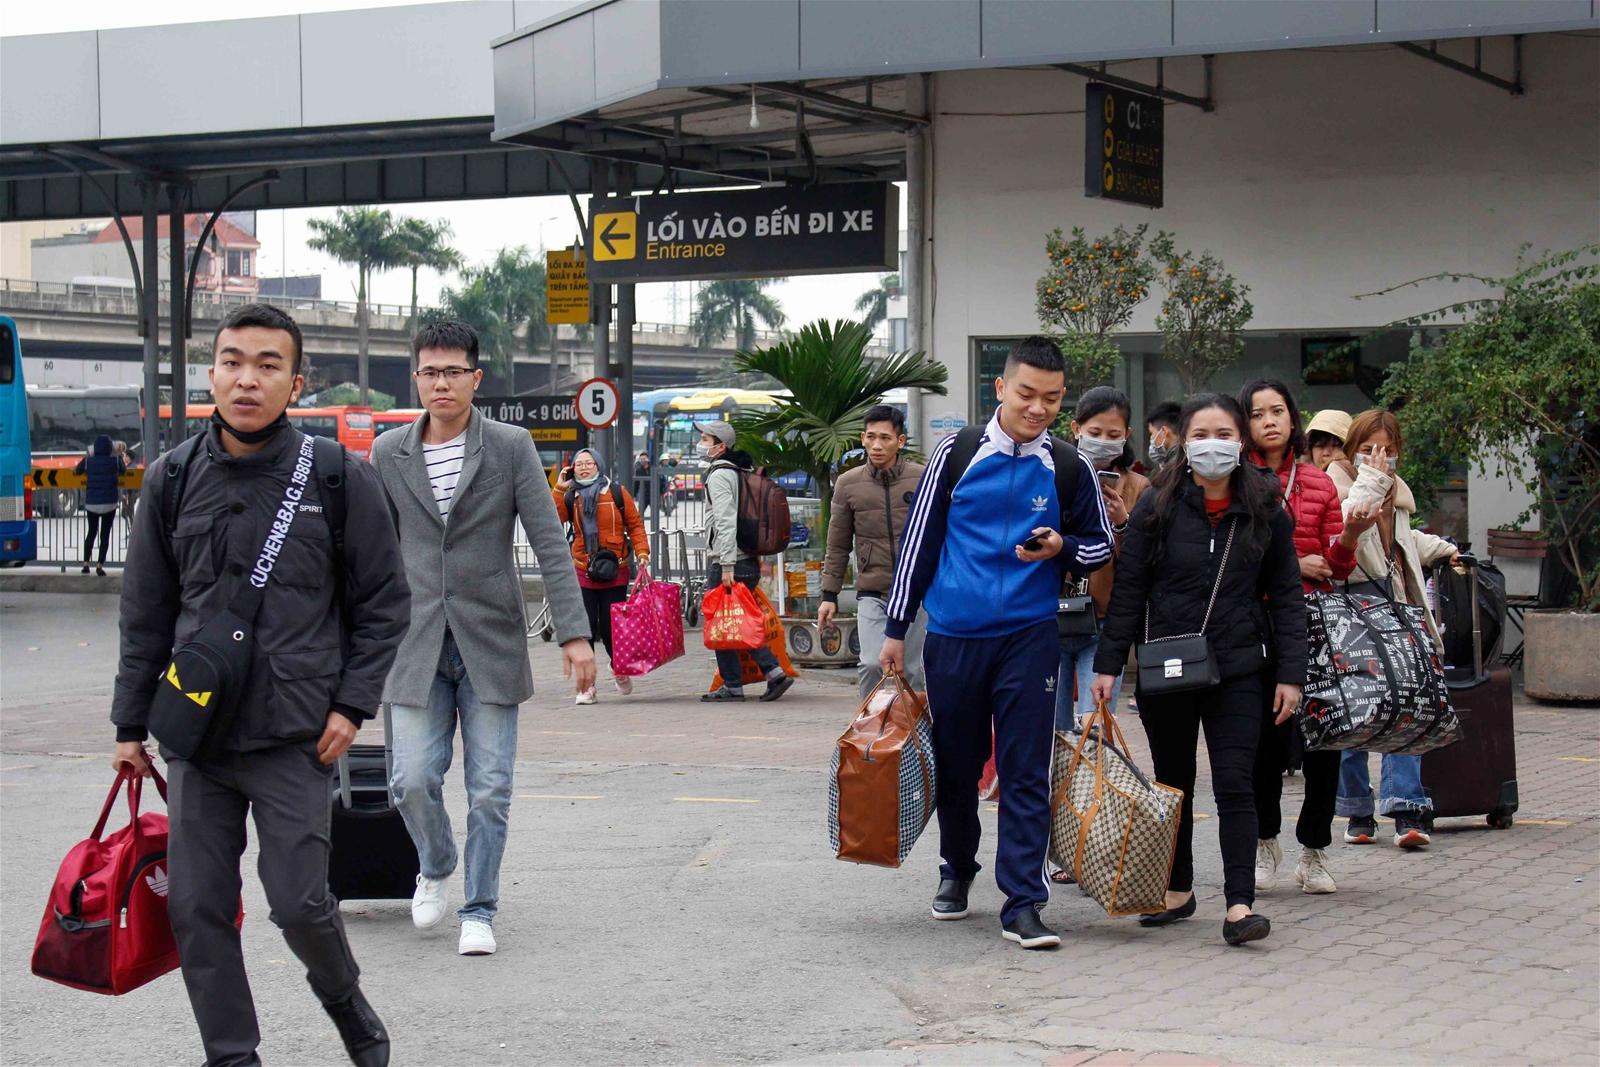 Sau nghỉ Tết, người dân tay xách nách mang trở về Thủ đô